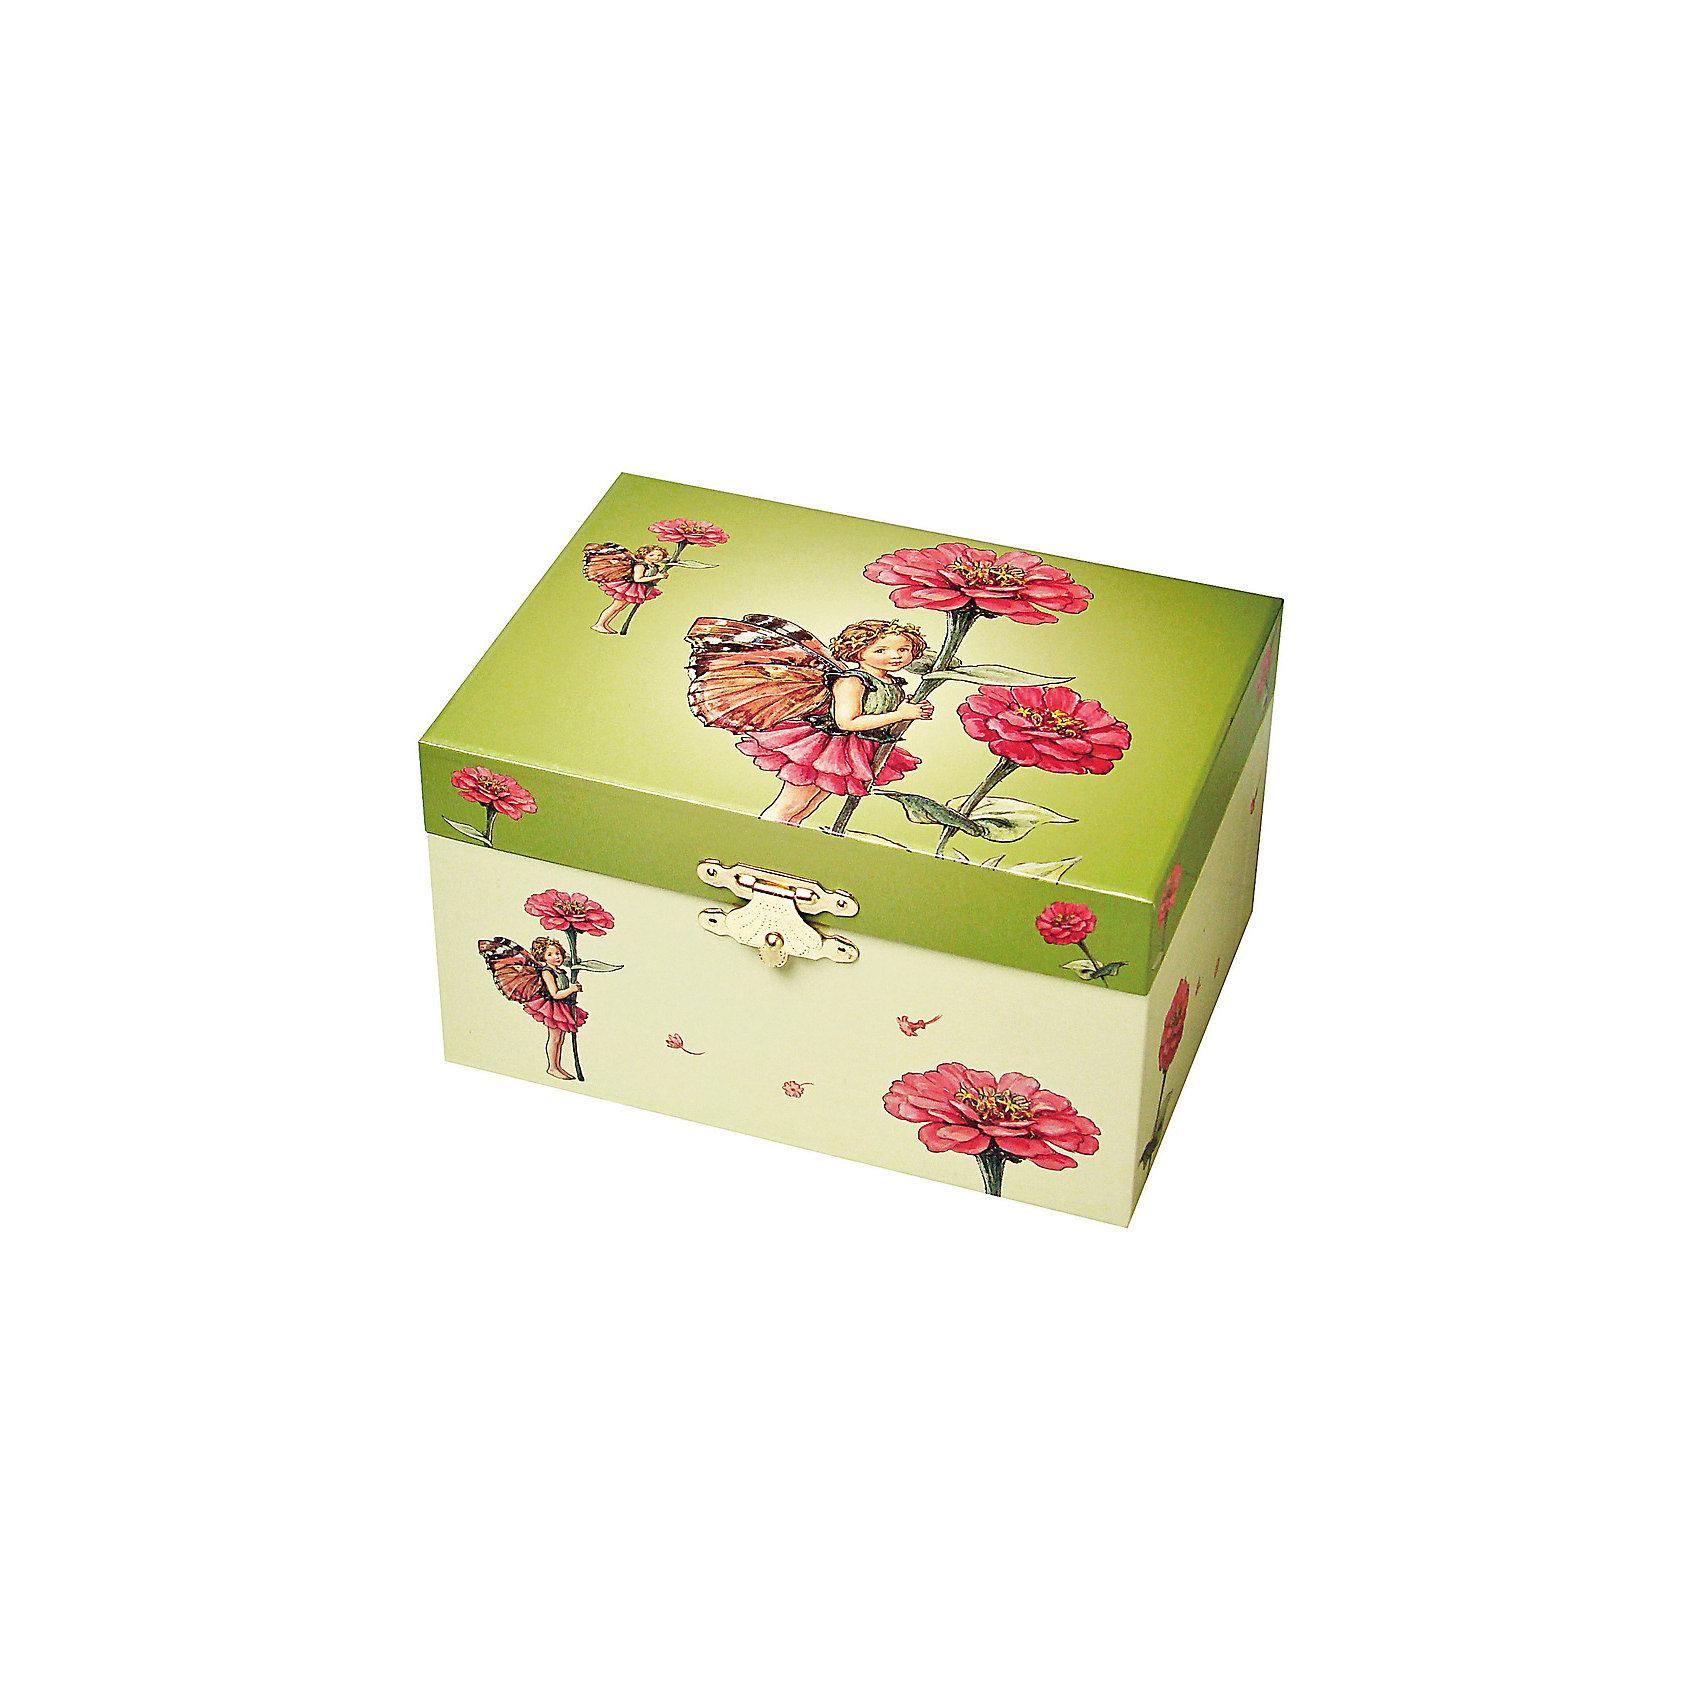 Музыкальная шкатулка Flower Fairies© Fairy, TrousselierМузыкальная шкатулка - это мечта множества девчонок. Подарите девочке настоящую музыкальную шкатулку с заводным механизмом от французской компании Trousselier. Шкатулка проигрывает приятную мелодию.<br>Она выглядит очень красиво - на ней симпатичная картинка. Внутри шкатулки -  фигурка балерины и даже есть место для хранения разных мелочей и зеркальце. Изделие произведено из высококачественных материалов, и соответствует европейским стандартам безопасности.<br><br>Дополнительная информация:<br><br>цвет: разноцветный;<br>материал: дерево;<br>внутри зеркало;<br>заводной механизм;<br>размер: 11 х 11 х 9 см.<br><br>Музыкальную шкатулку Flower Fairies© Fairy от французской компании Trousselier можно купить в нашем магазине.<br><br>Ширина мм: 150<br>Глубина мм: 80<br>Высота мм: 105<br>Вес г: 760<br>Возраст от месяцев: 12<br>Возраст до месяцев: 216<br>Пол: Женский<br>Возраст: Детский<br>SKU: 4961847